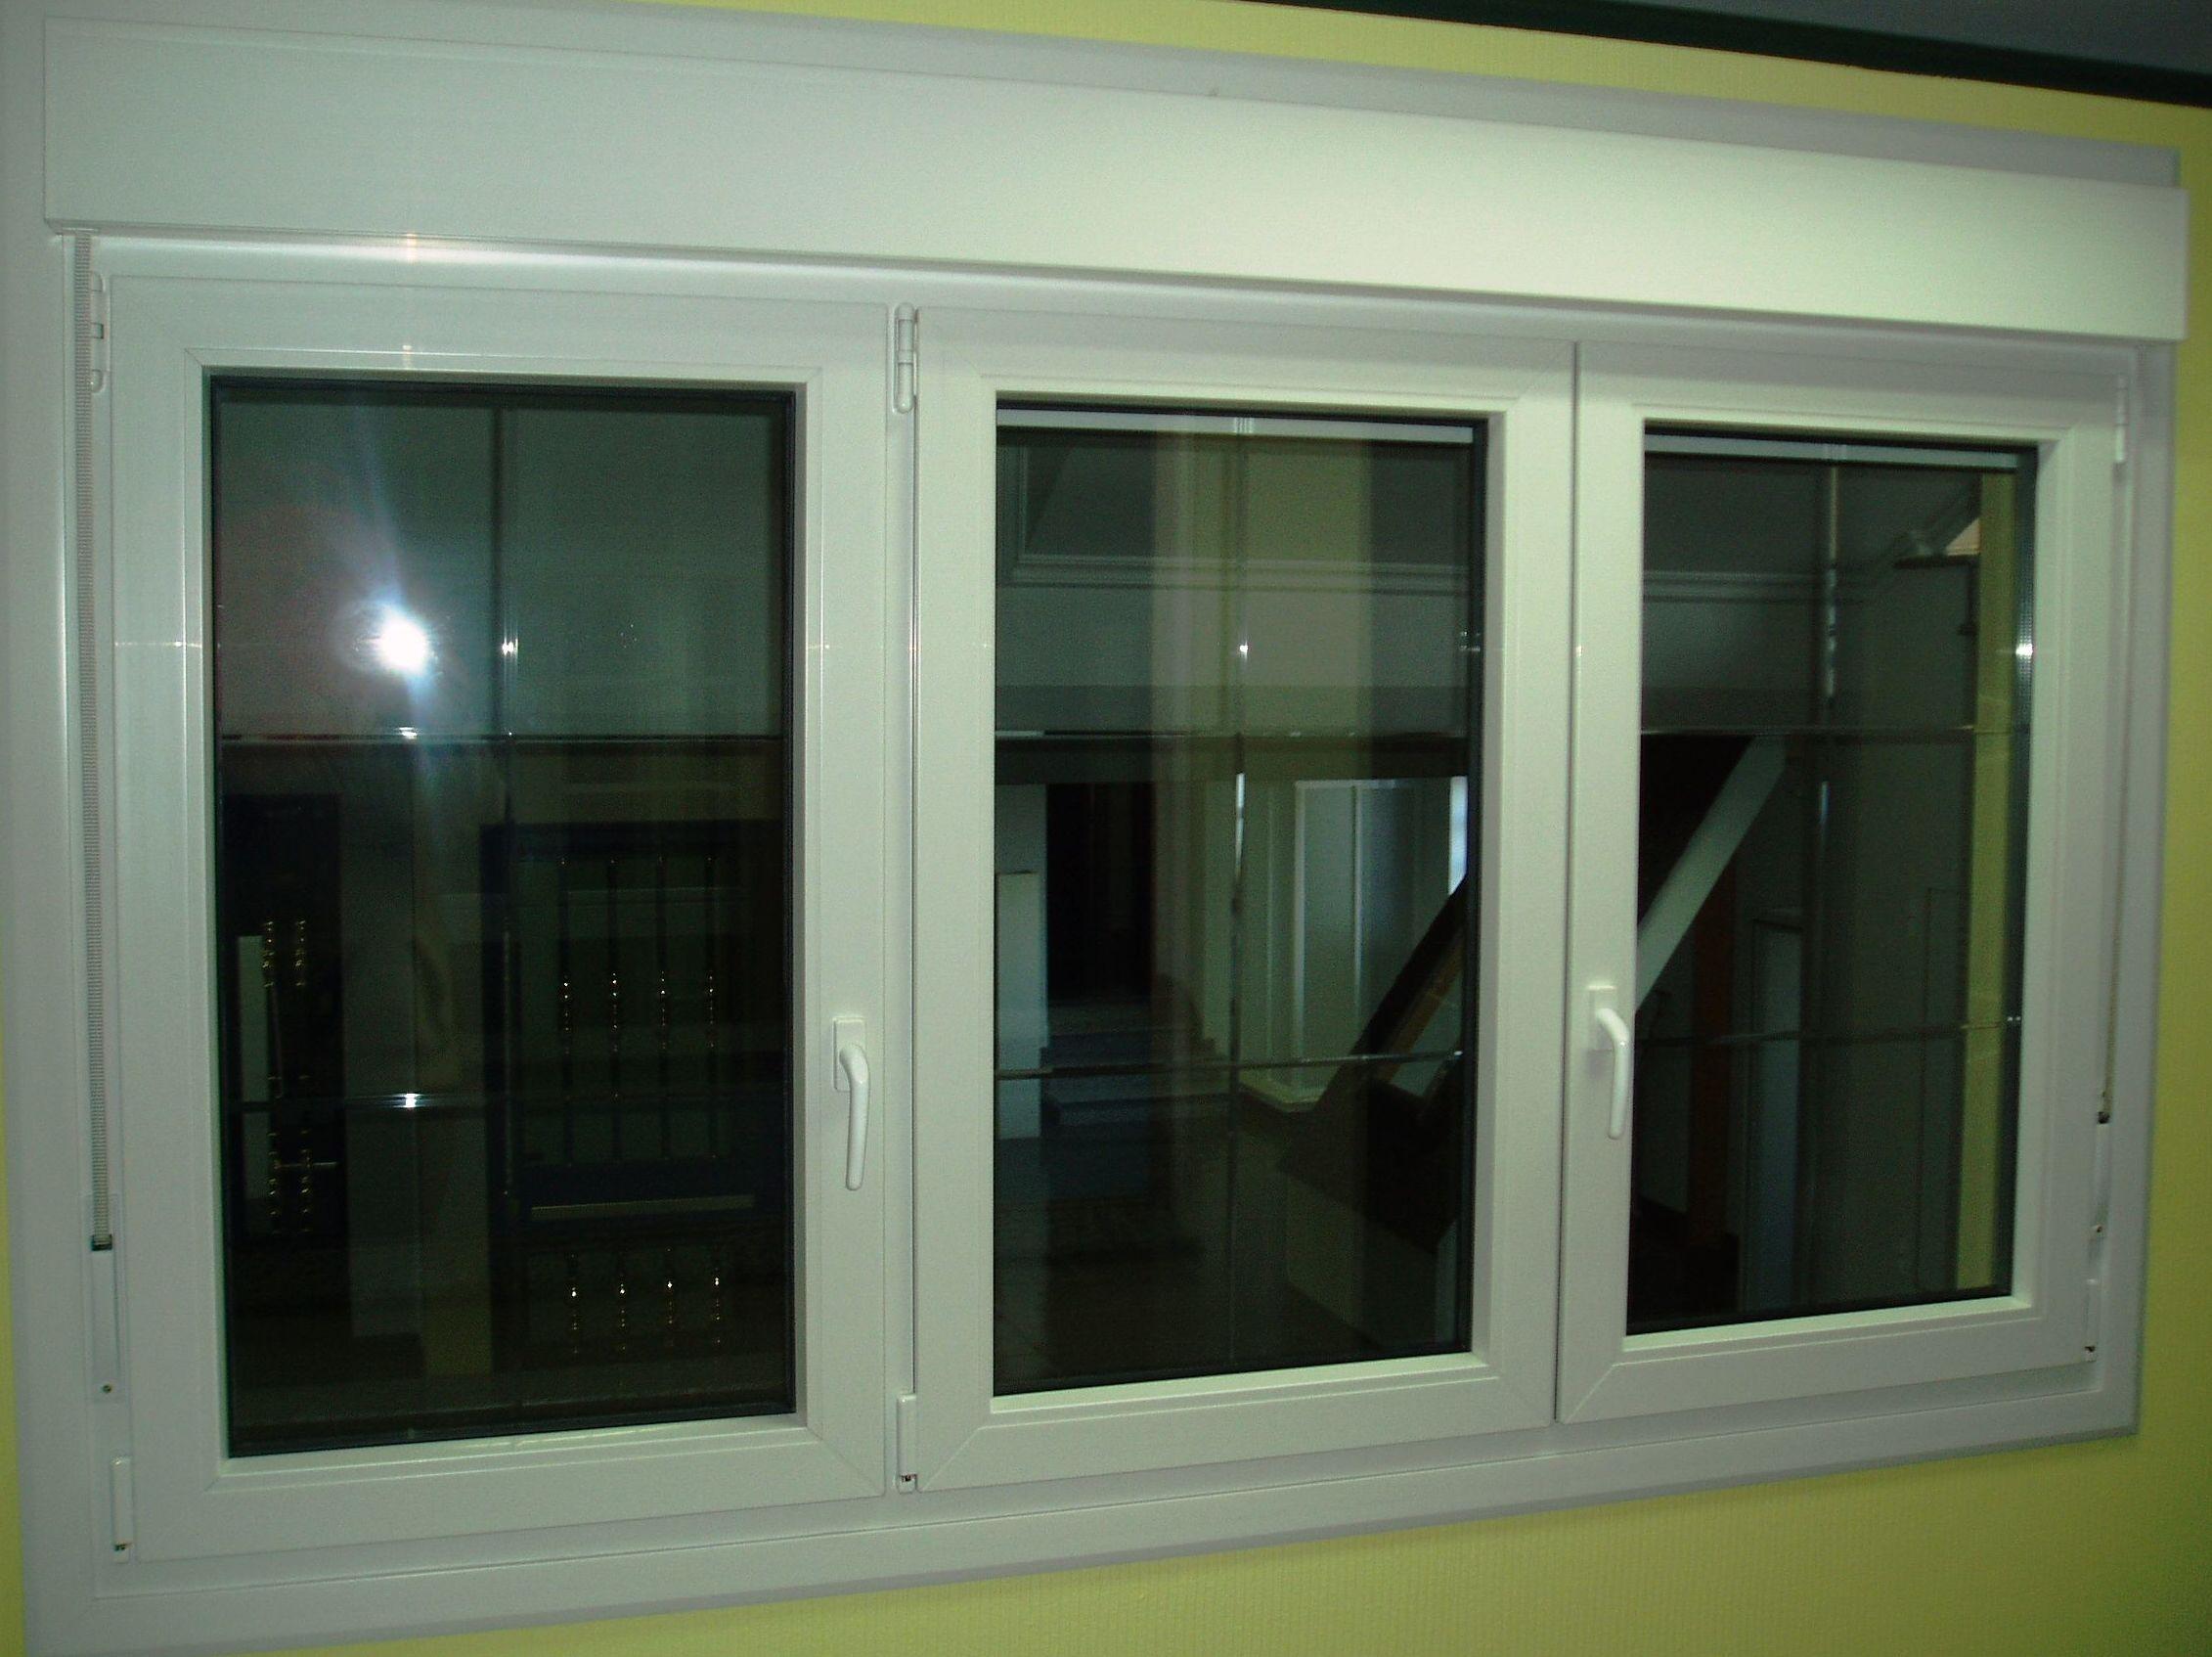 Foto 3 de instalaci n y reparaci n de persianas y ventanas for Ventanas con persianas incorporadas